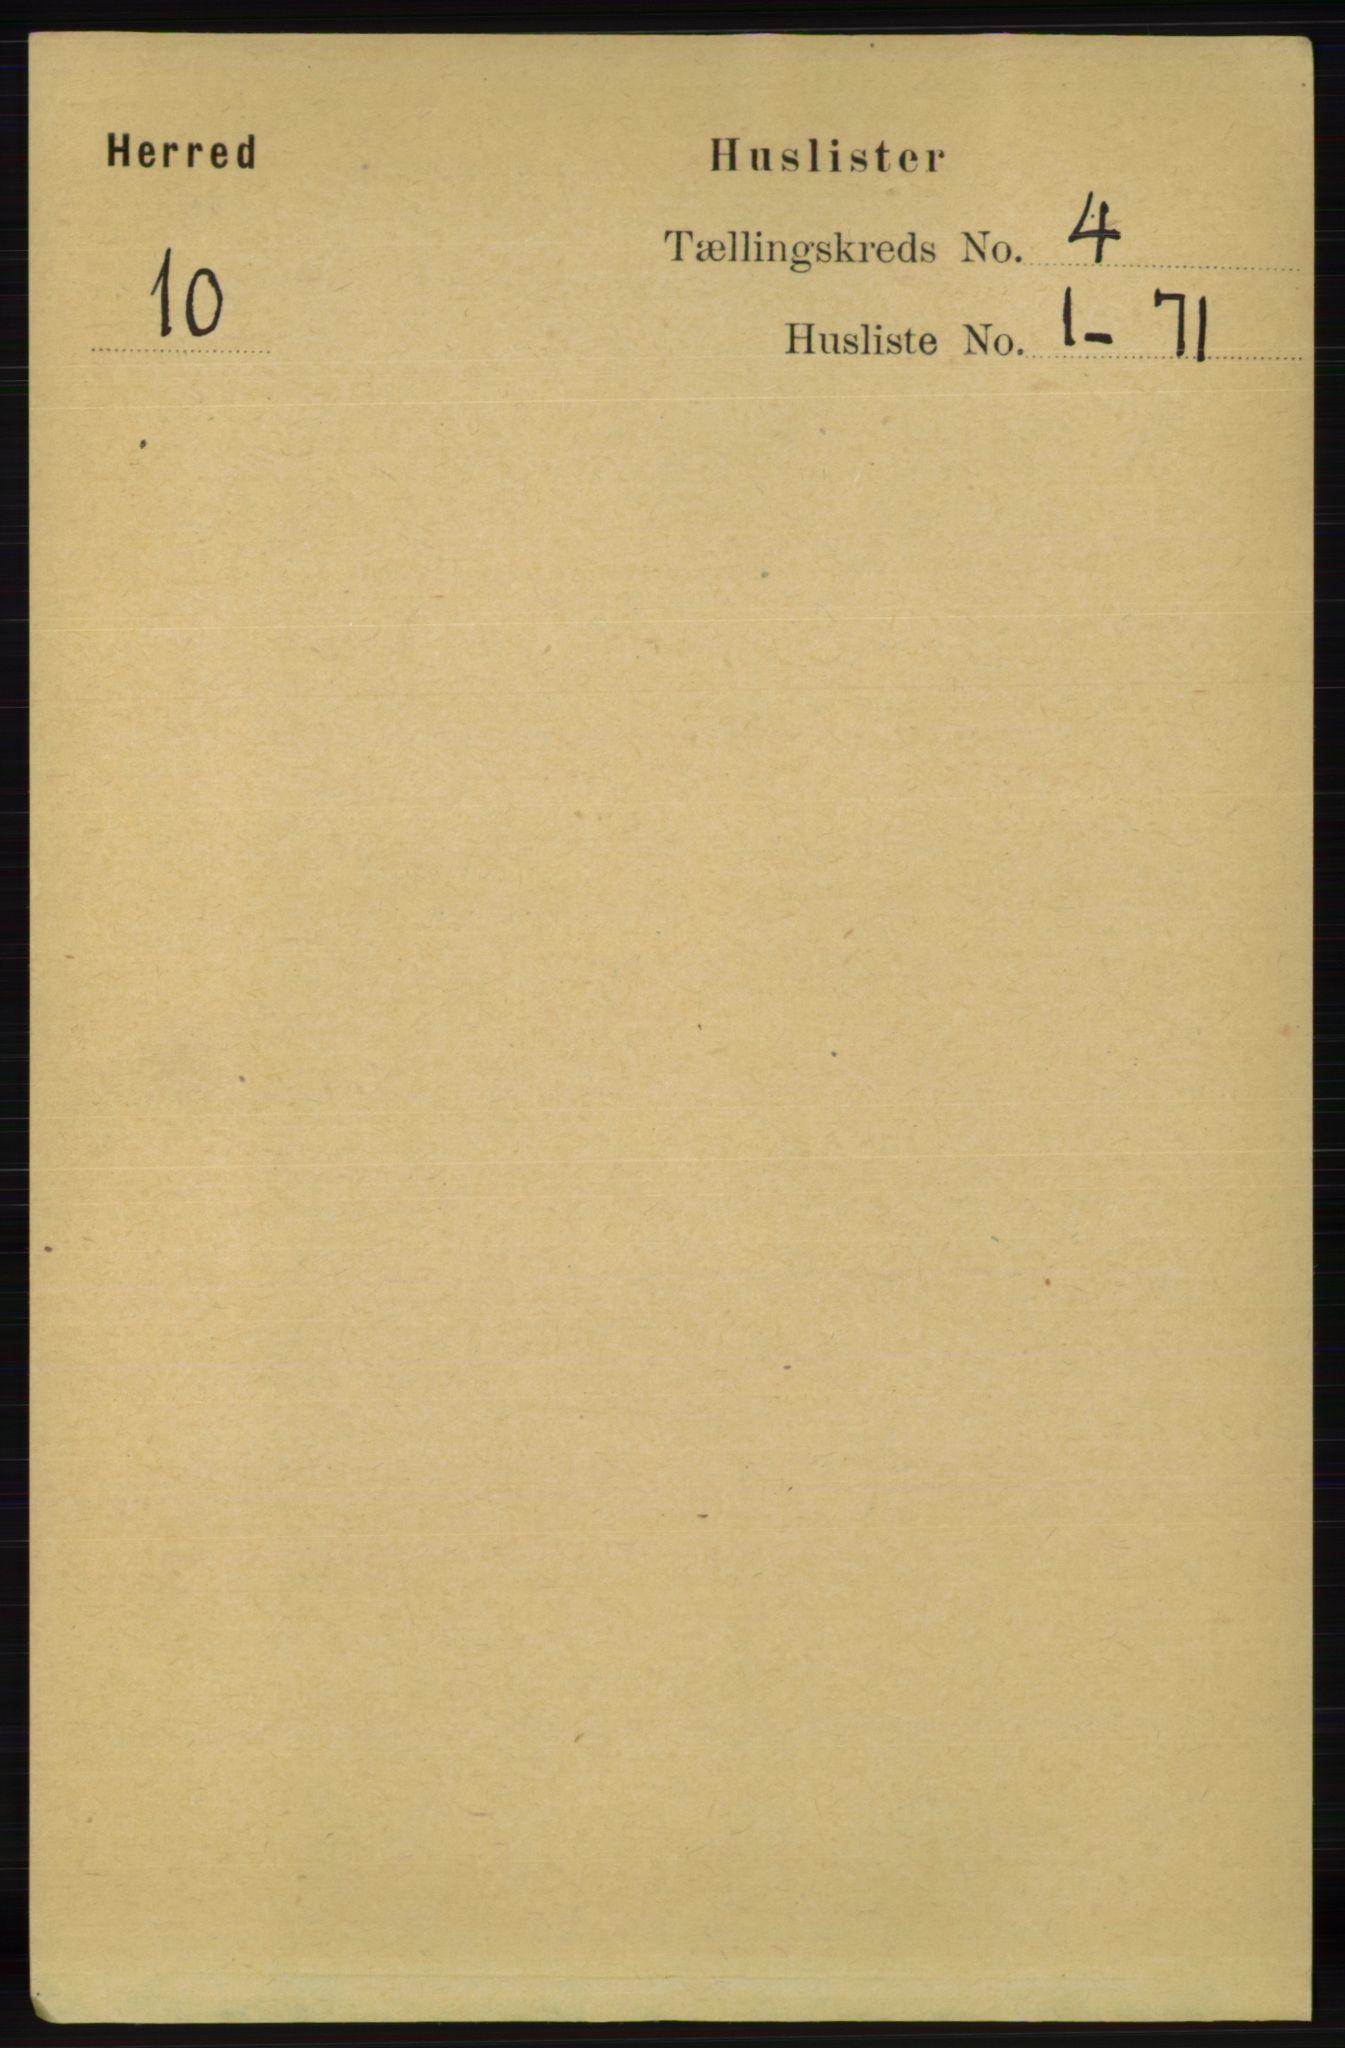 RA, Folketelling 1891 for 1039 Herad herred, 1891, s. 1343